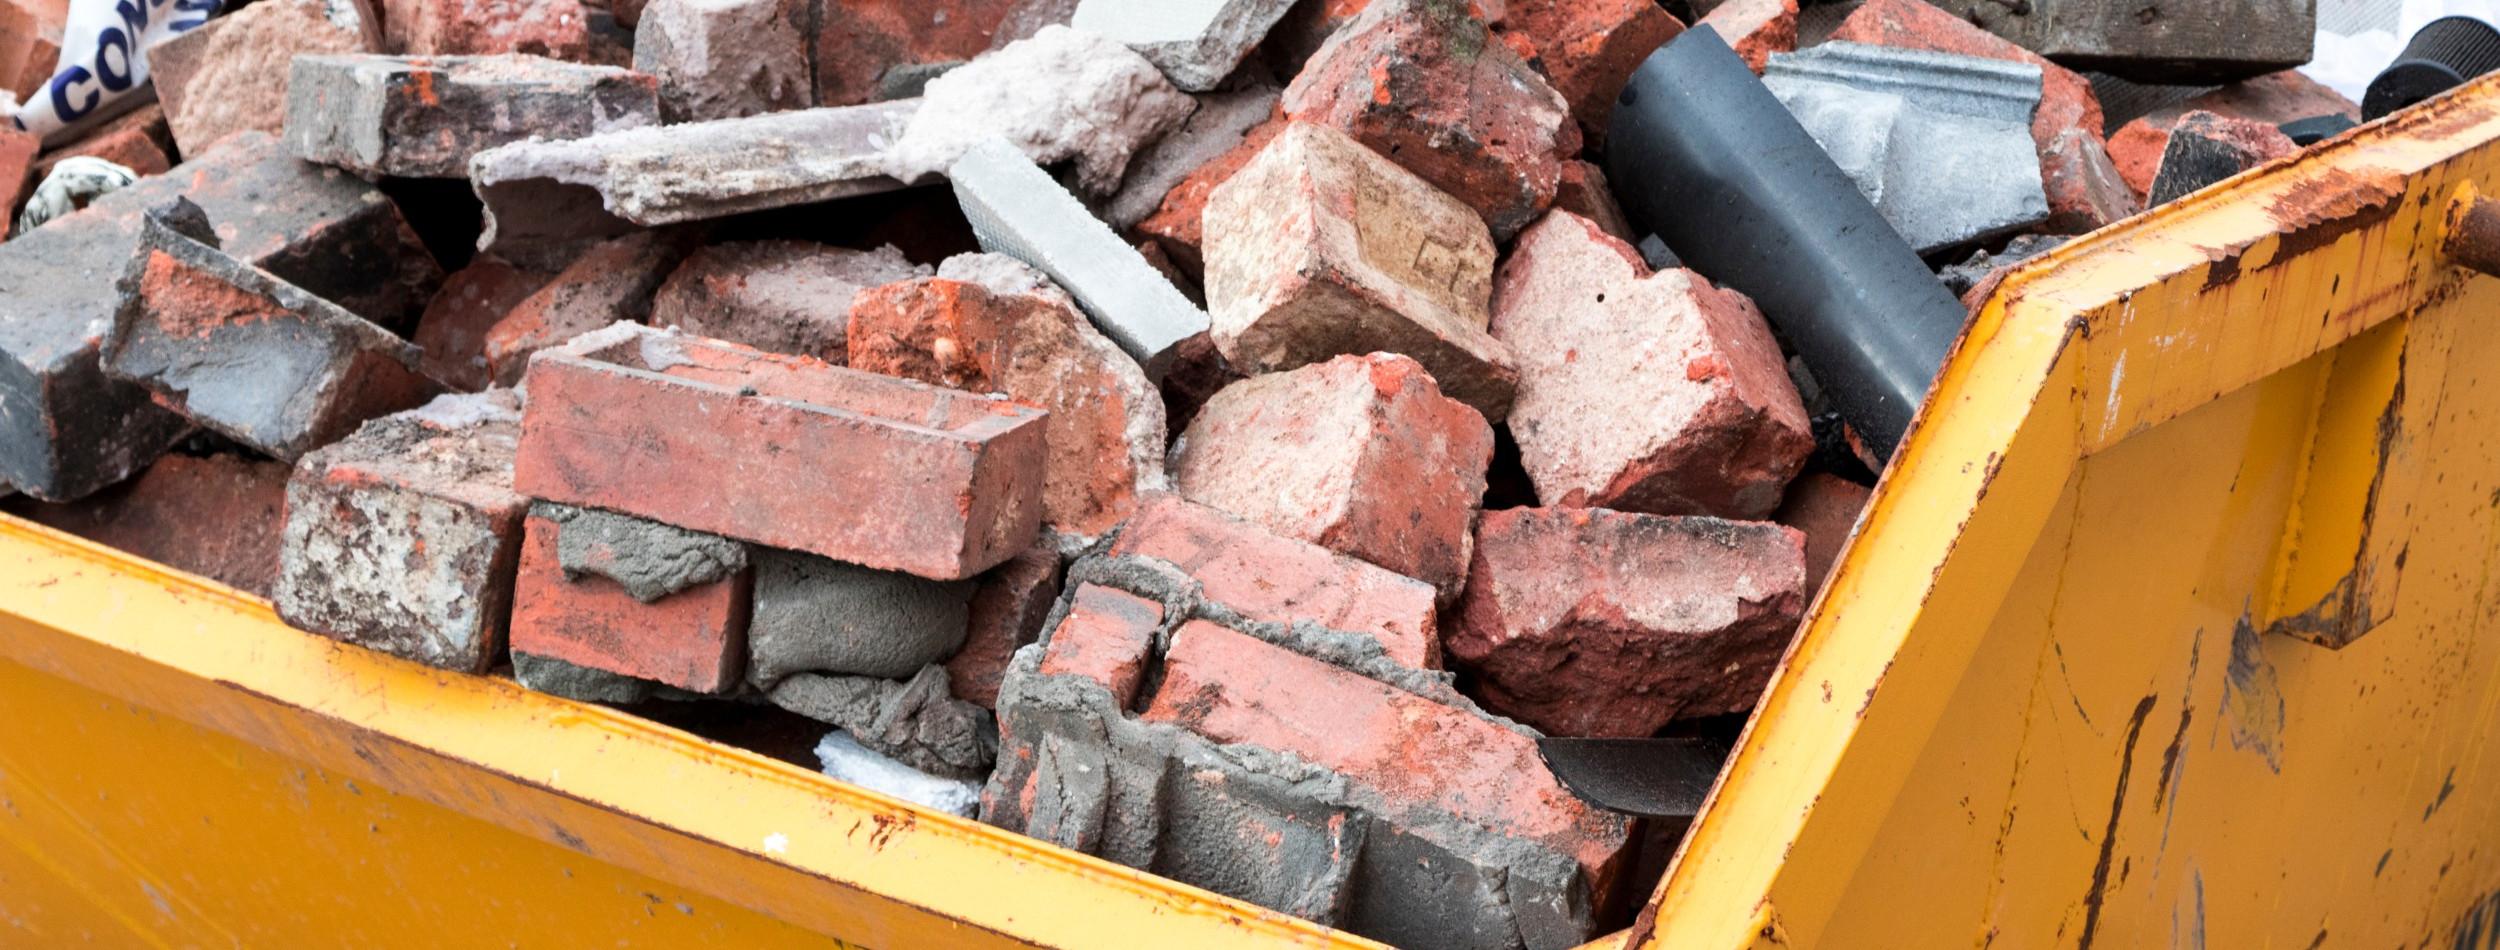 entulho-material-construcao-descarte-correto-pedras-cacamba